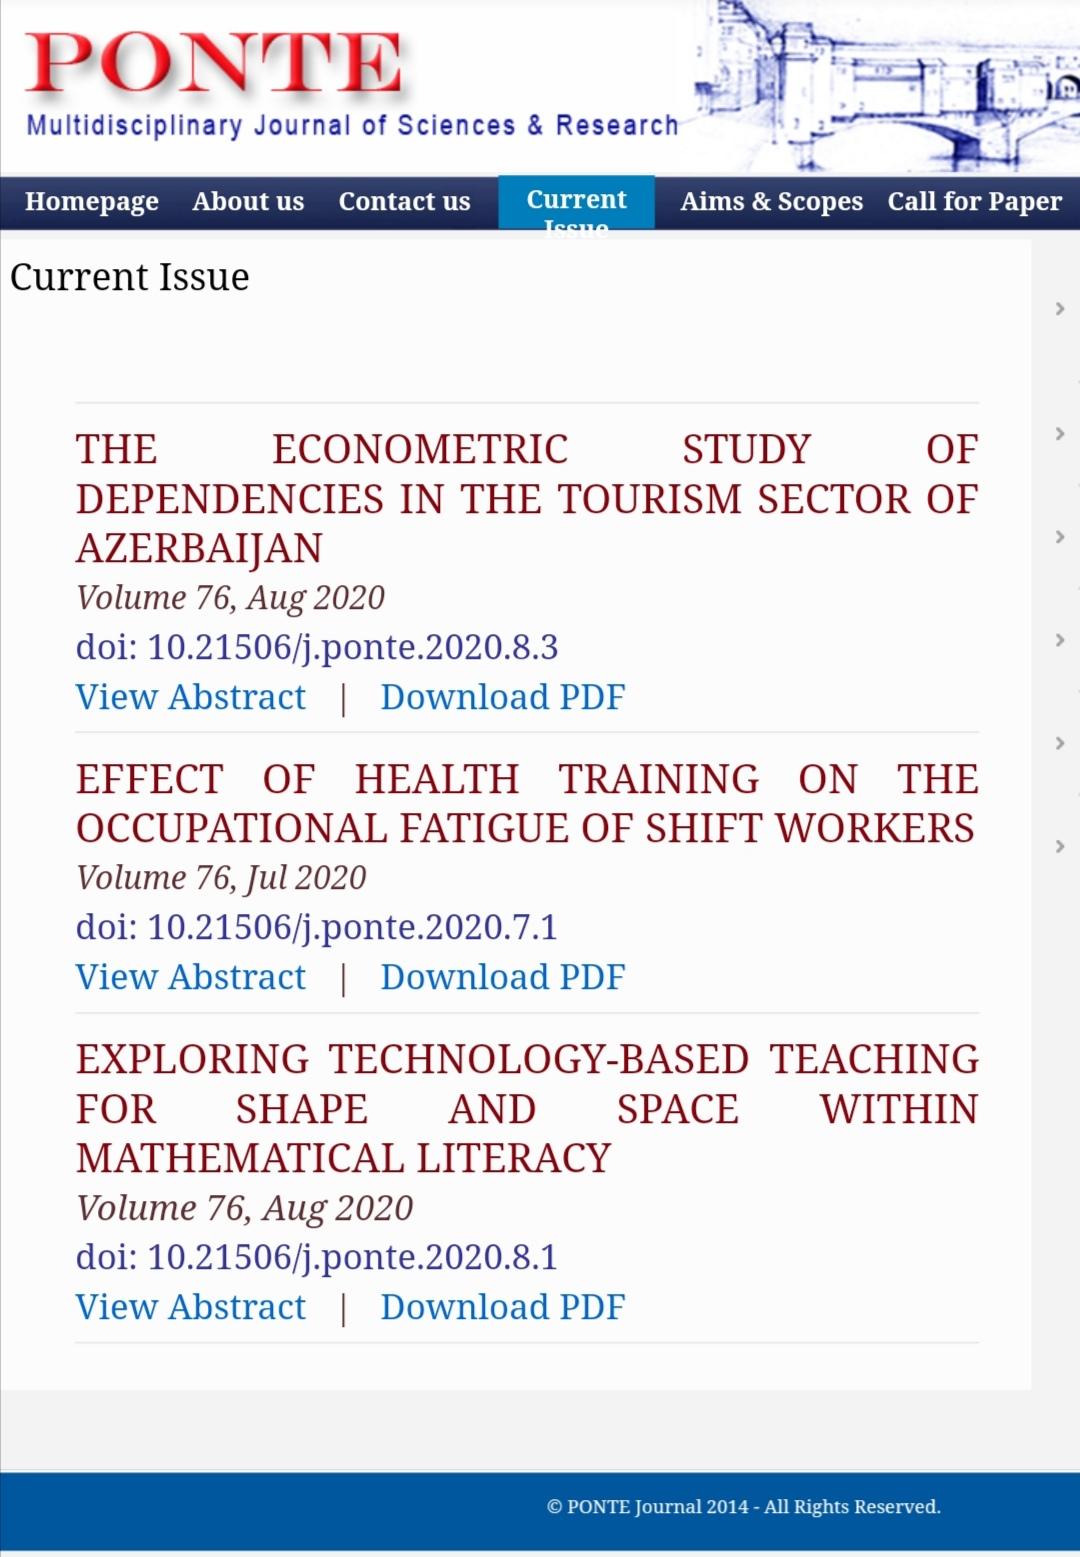 UNEC müəlliminin elmi məqaləsi beynəlxalq indeksli jurnalda dərc edilib